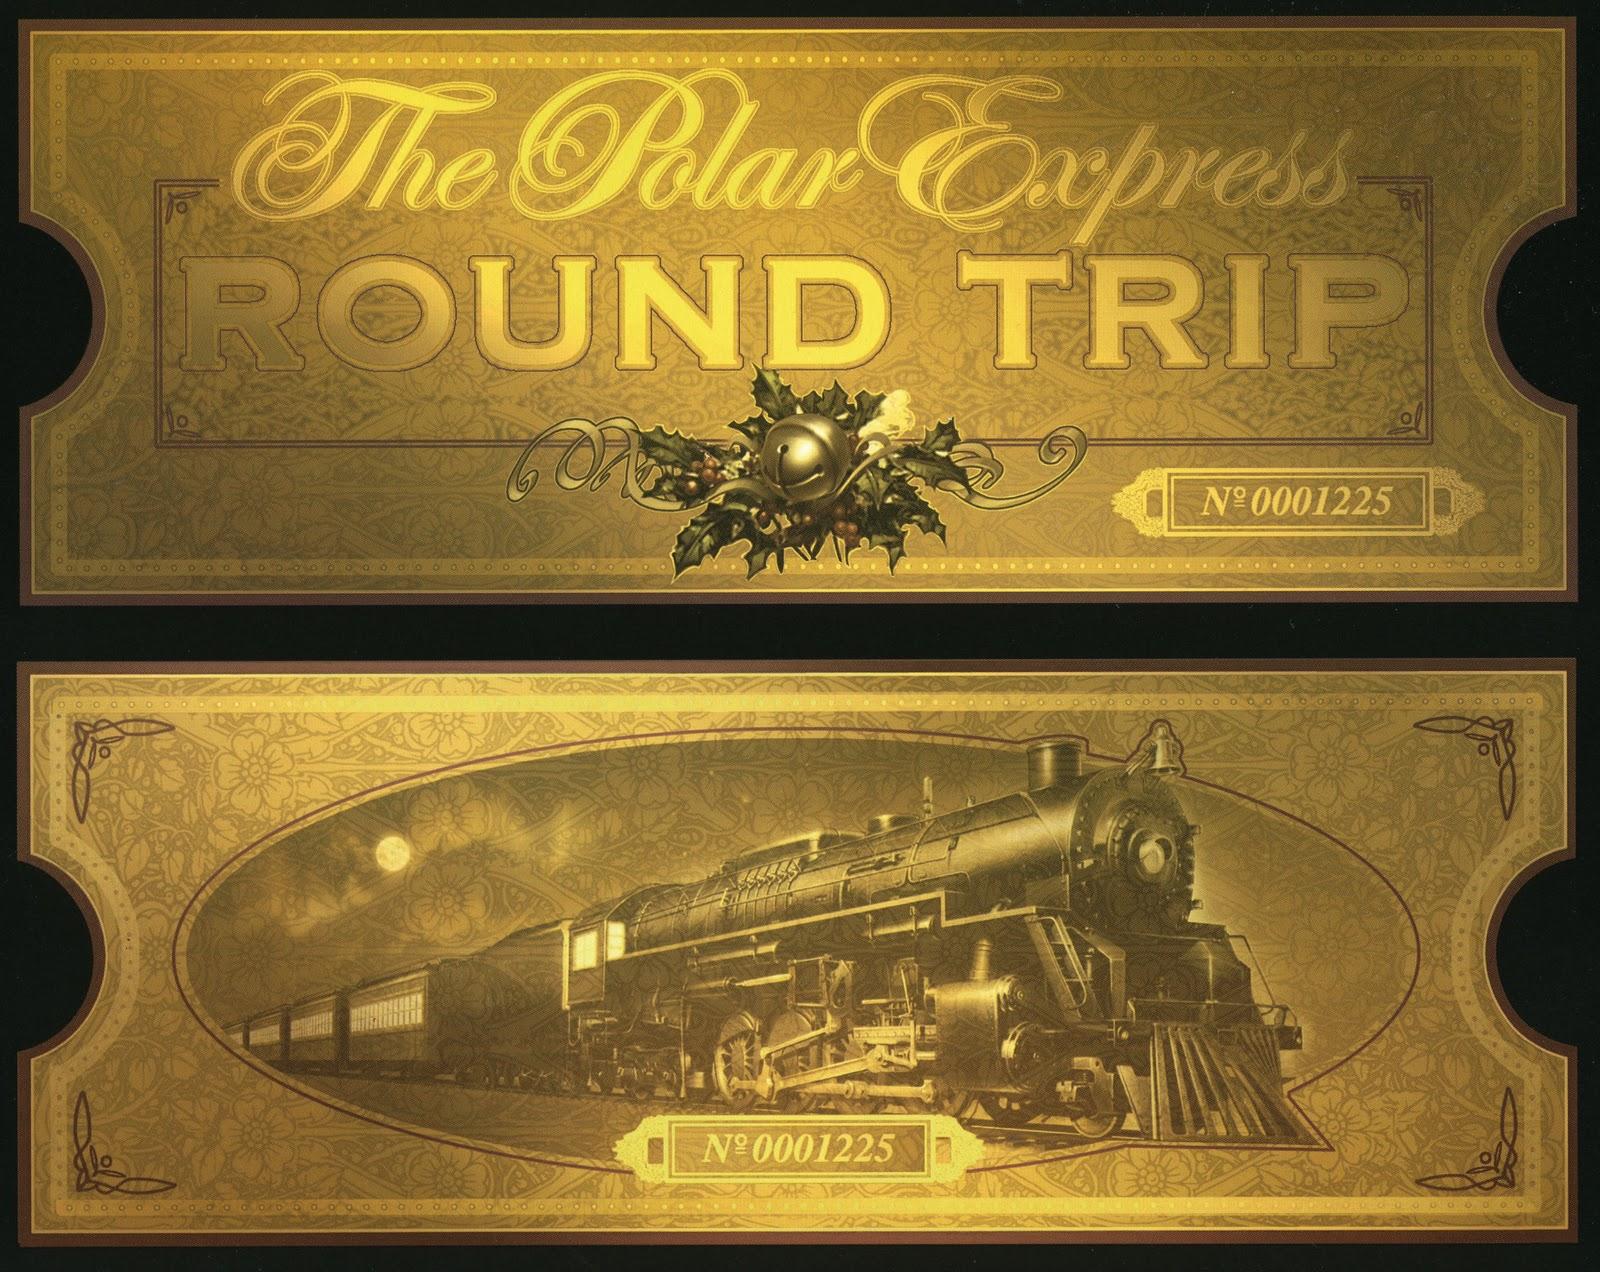 Polar express golden ticket clipart